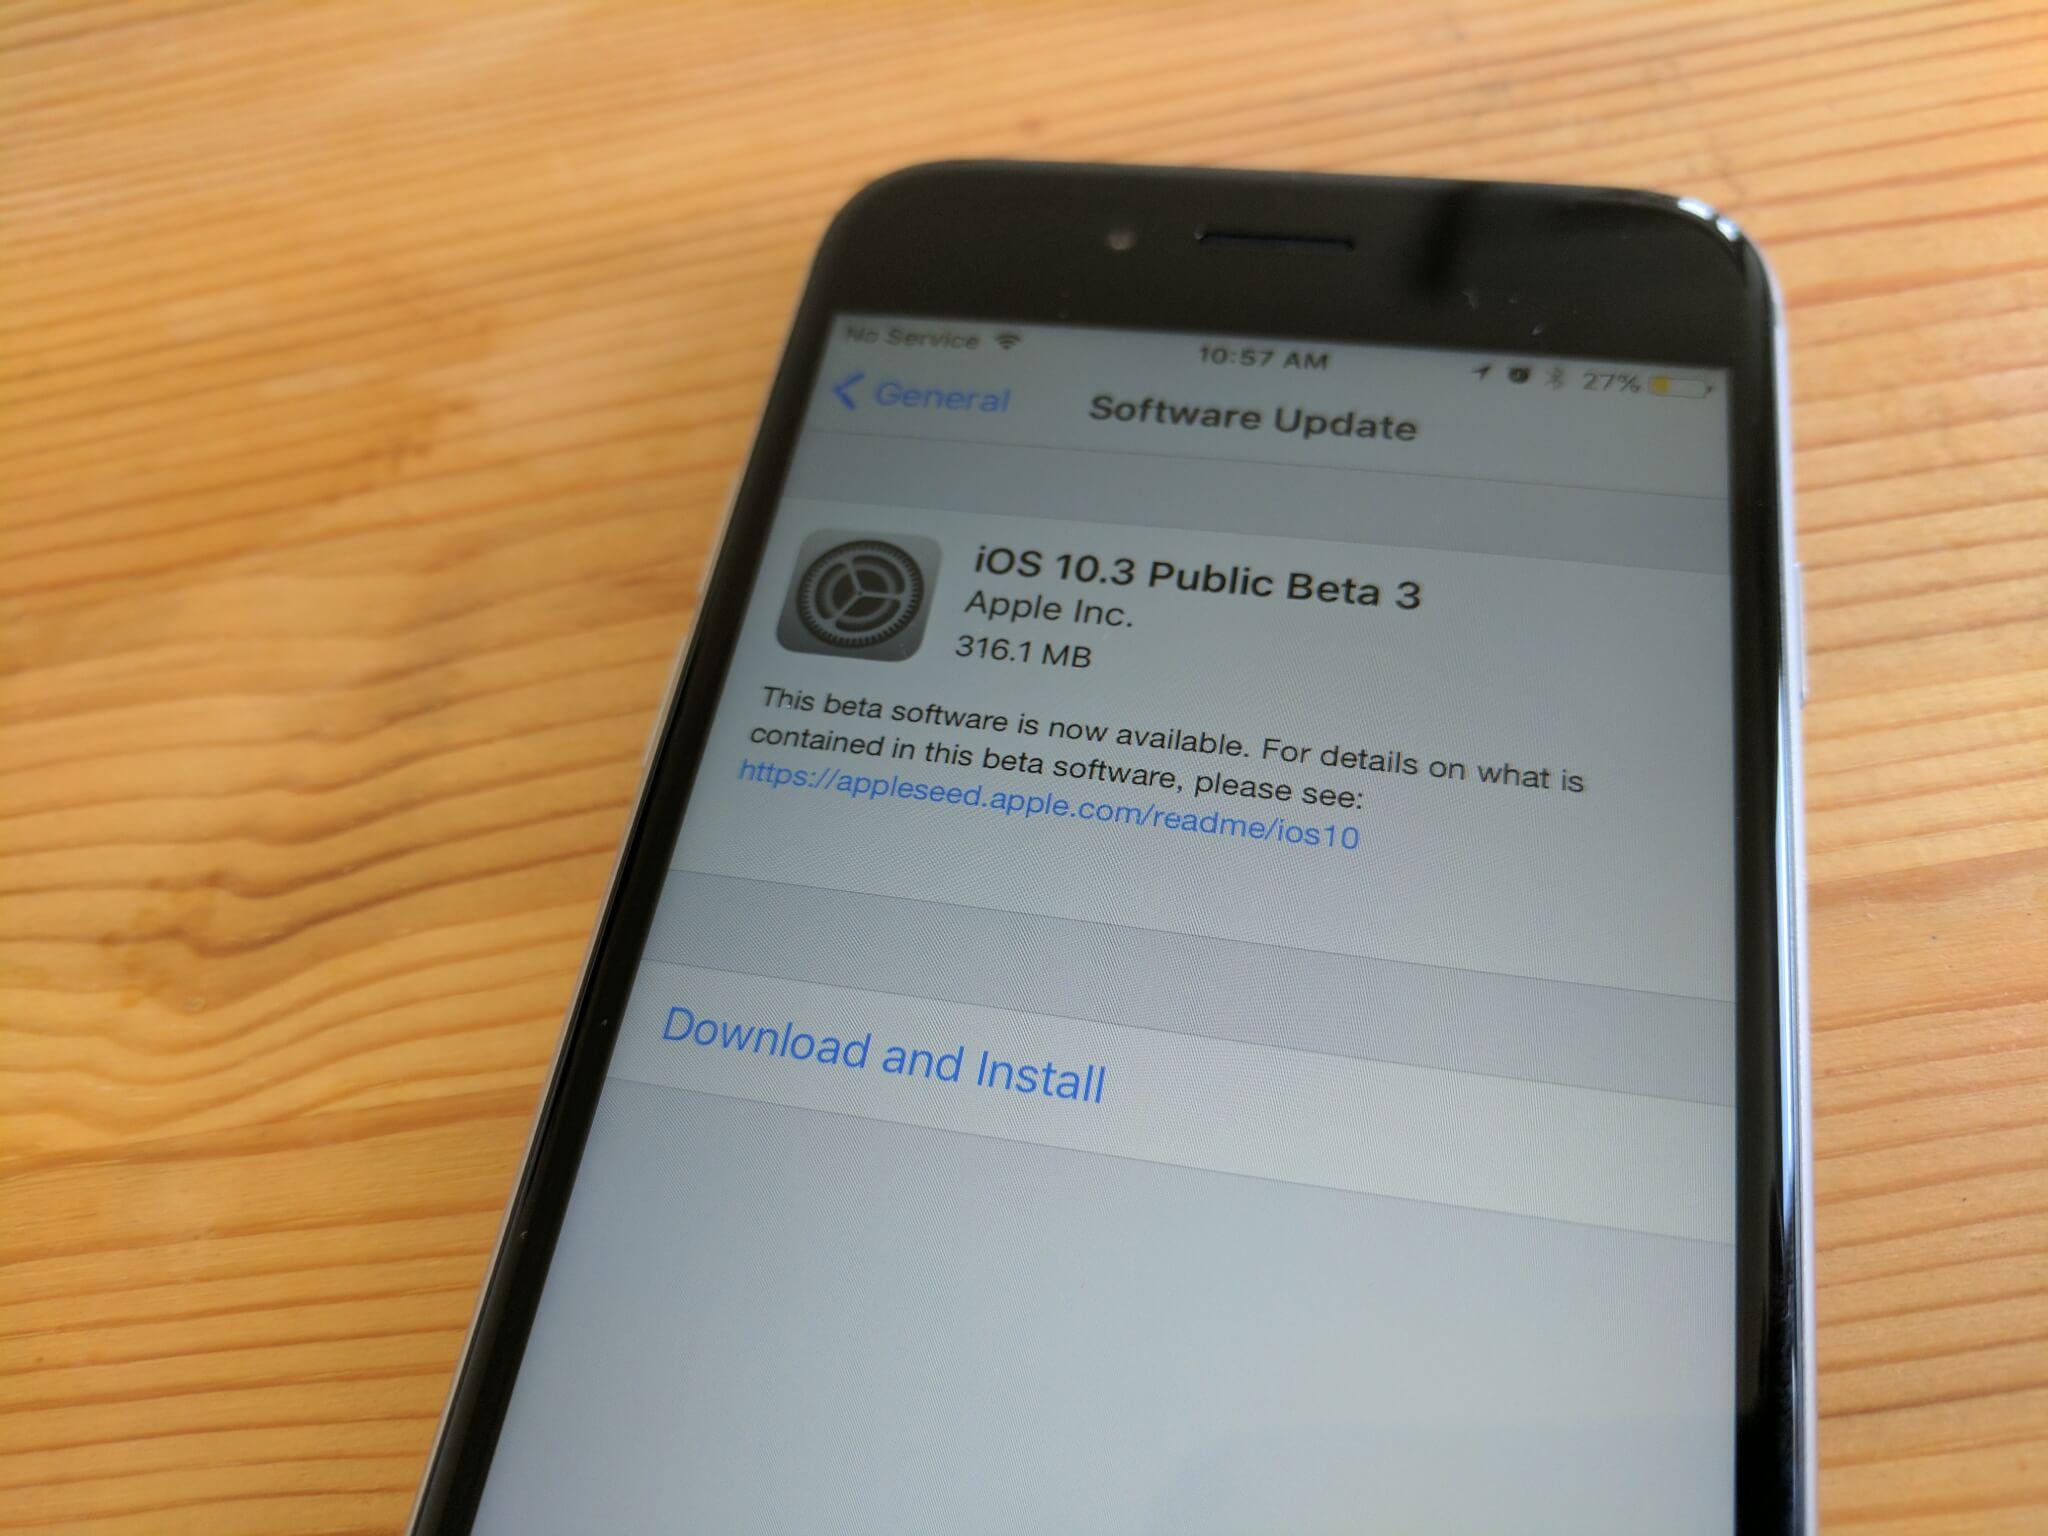 Download ios 11 4 beta 3 iphone 7 plus | Peatix